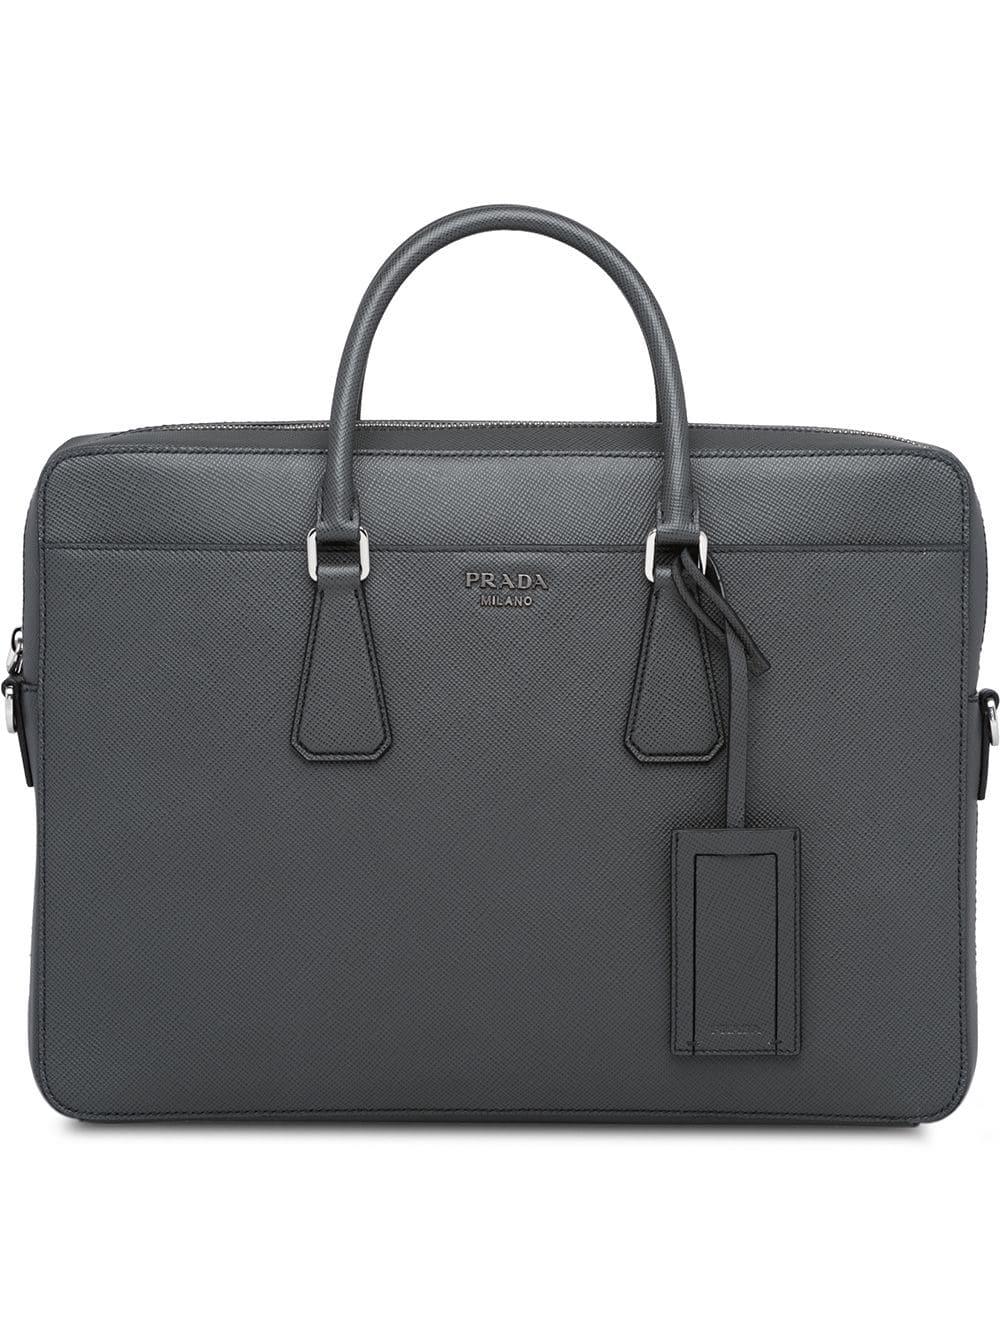 8e772ea3775f3 PRADA PRADA SAFFIANO CUIR LEATHER BRIEFCASE - GREY.  prada  bags  leather   hand bags